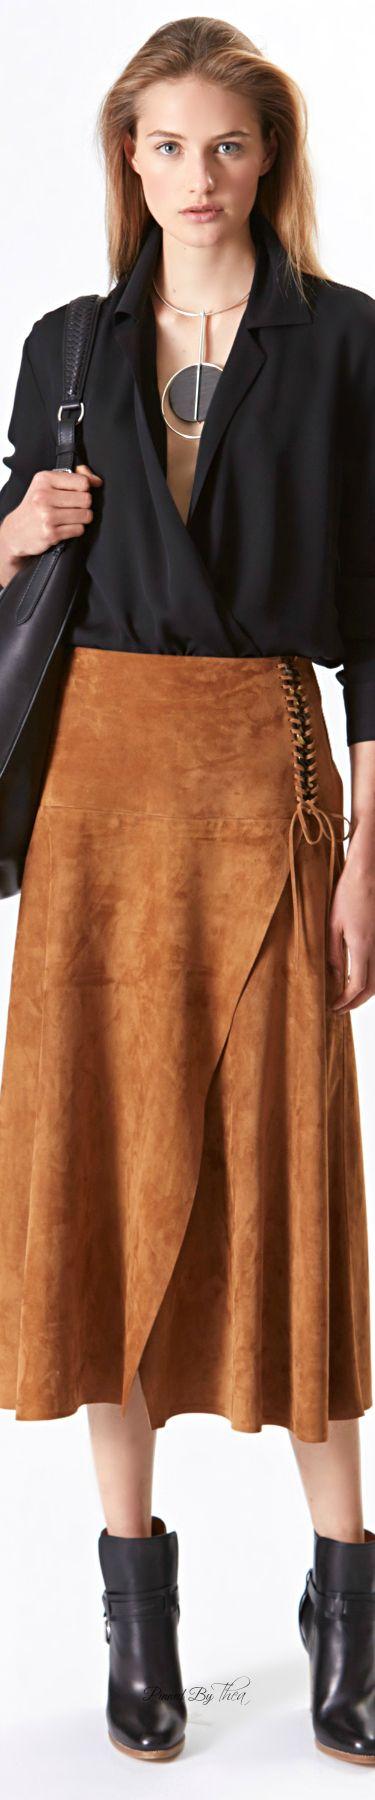 Ralph Lauren ~ Resort Cinnamon Brown Suede Lace-up Maxi Skirt 2016